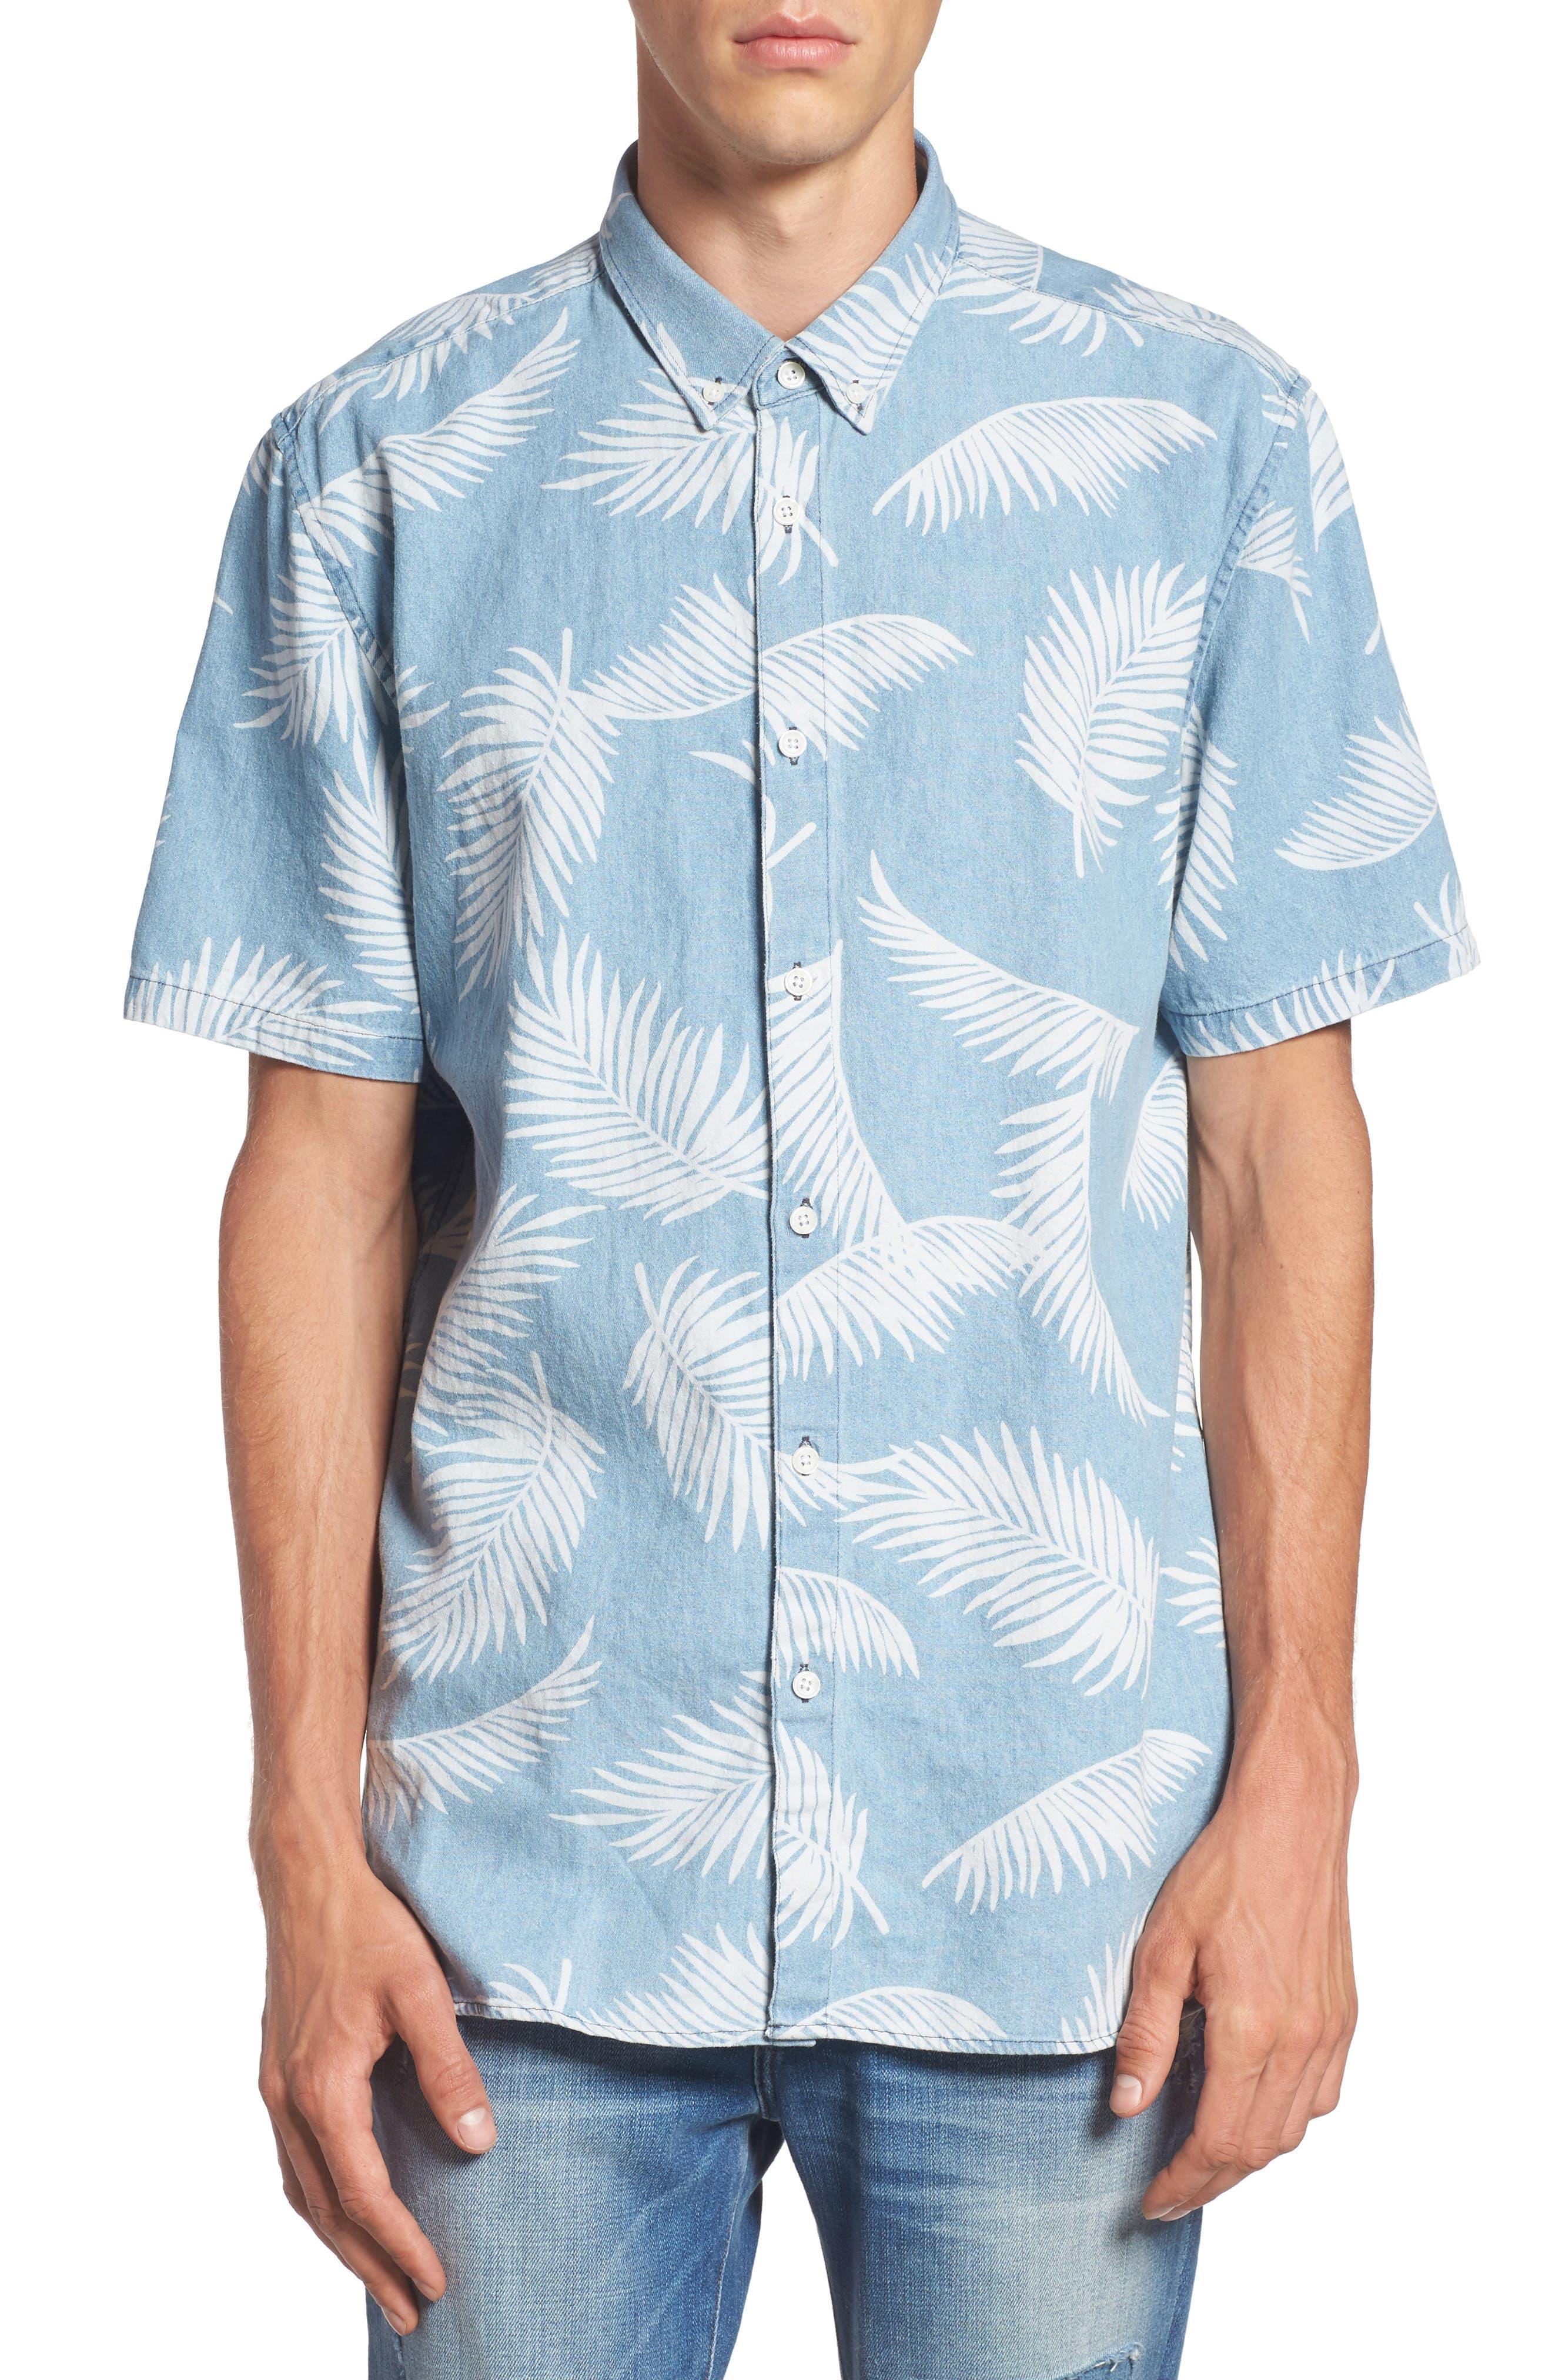 Bahamas Shirt,                             Main thumbnail 1, color,                             423